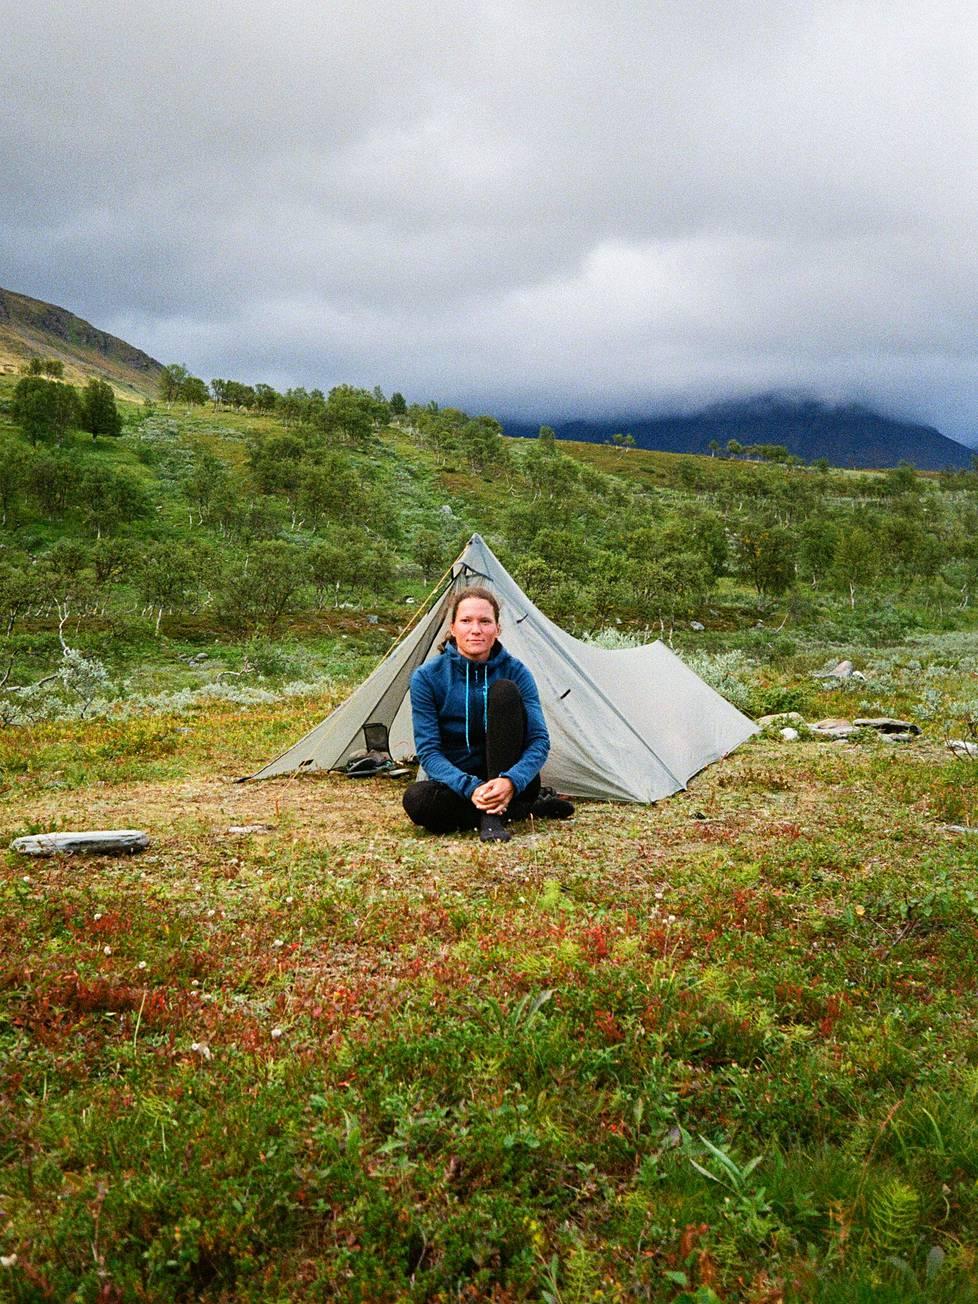 """Saksalainen Carina Haslach on kuvattu Rostassa Norjassa. Hän vaelsi Kilpisjärveltä Abiskoon. """"Tykkään vaeltaa yksin. Silloin voin mennä omaa vauhtiani, päättää, missä nukun ja miten kauan jatkan. On aikaa ajatella. Onhan yksinäisyys myös haaste sekä henkisesti että fyysisesti. Mietityttää, että jos jotain tapahtuu tai loukkaa itsensä. Kun on itsekseen, ympäristö on paljon intensiivisempi. Ei ole häiriöitä. On avoin kaikelle."""""""